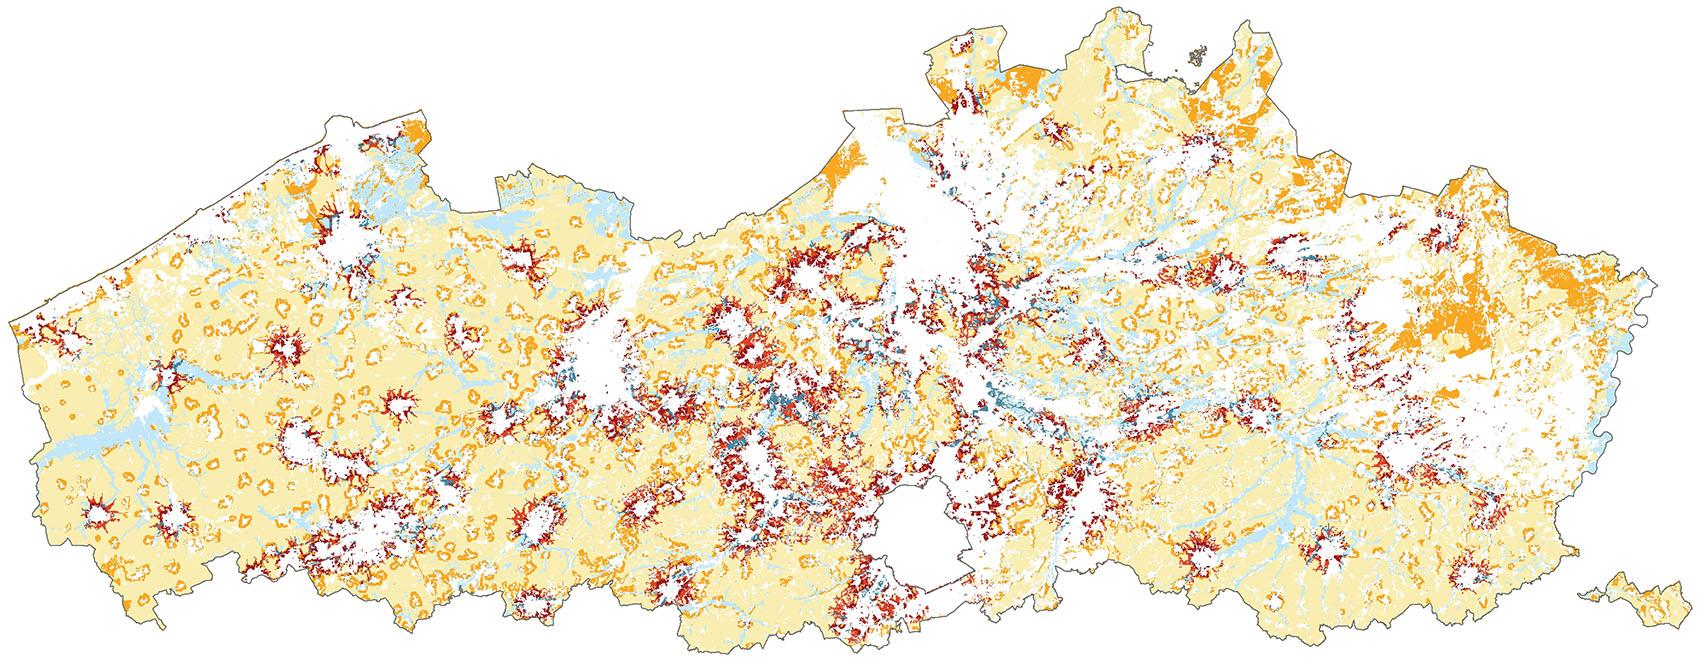 kaart ruimtelijke condities voor landbouw_lt